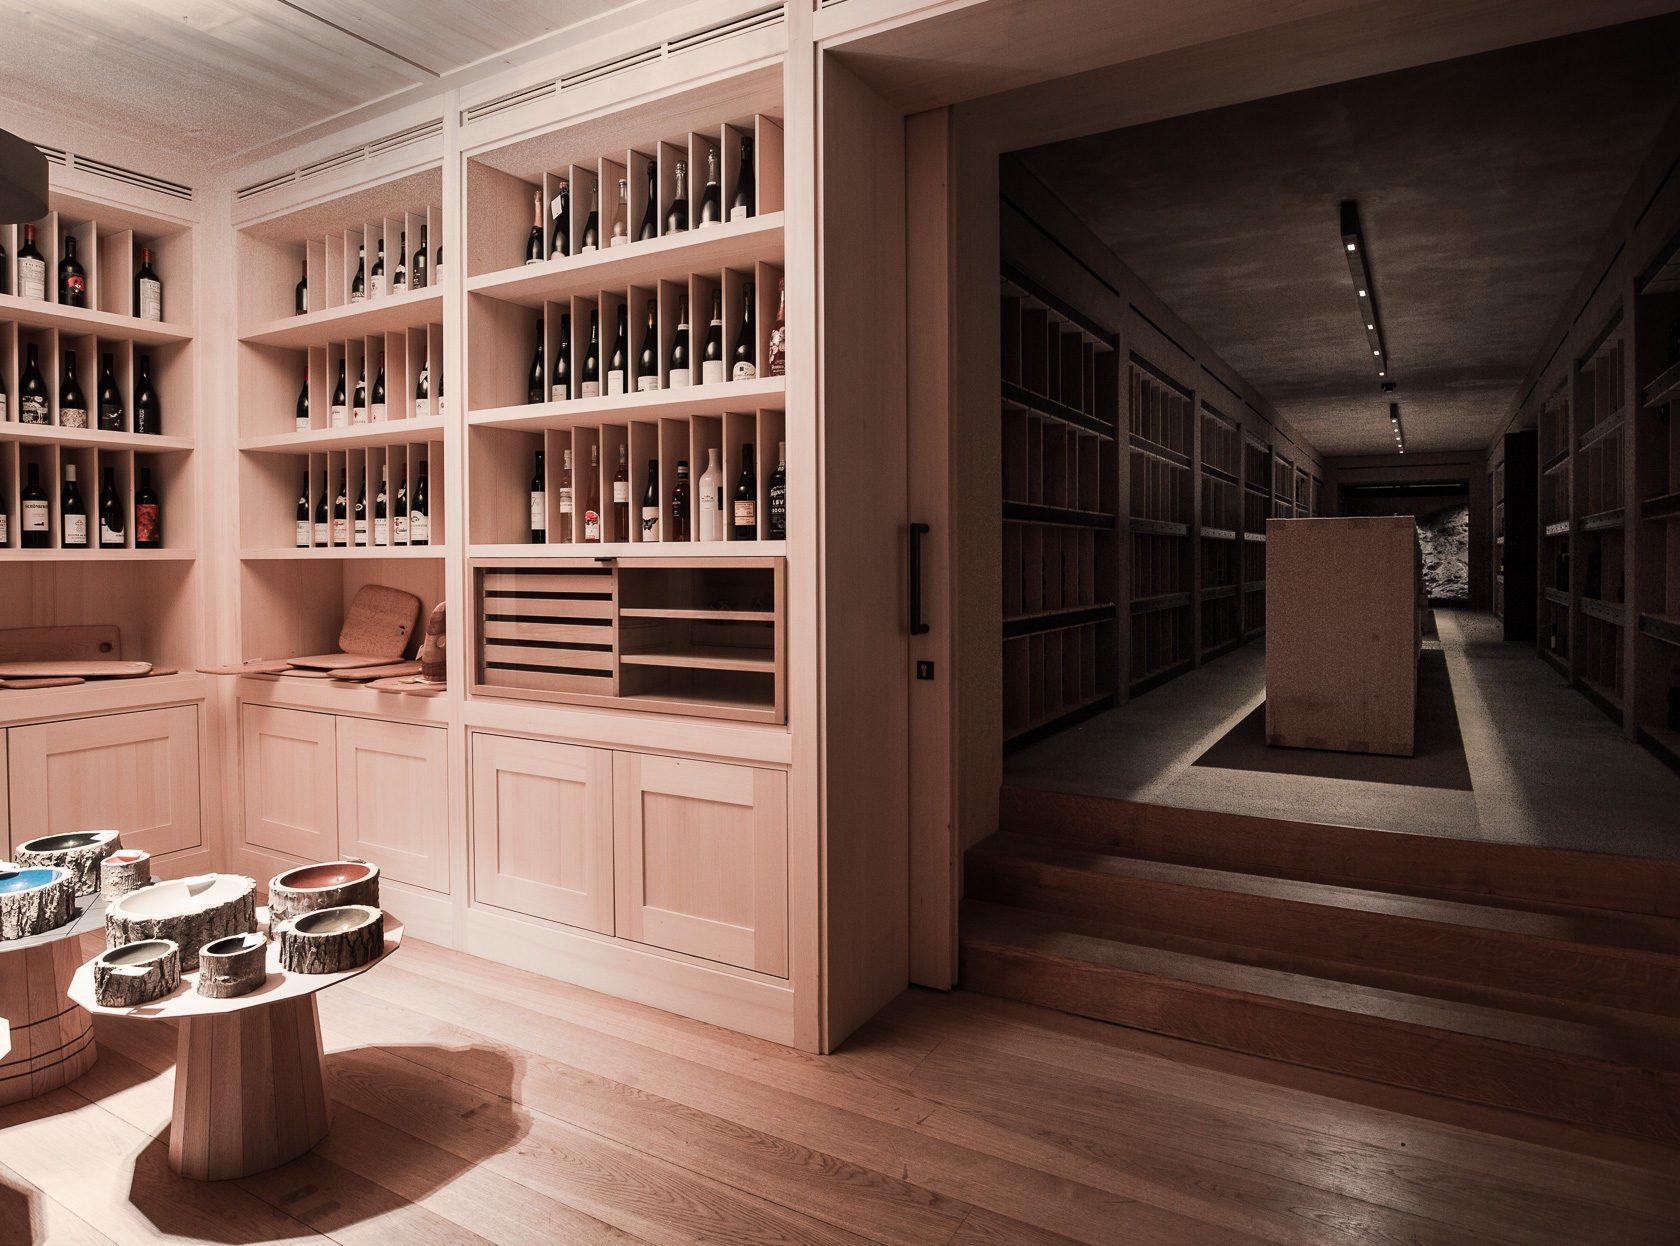 Almhof Schneider wine